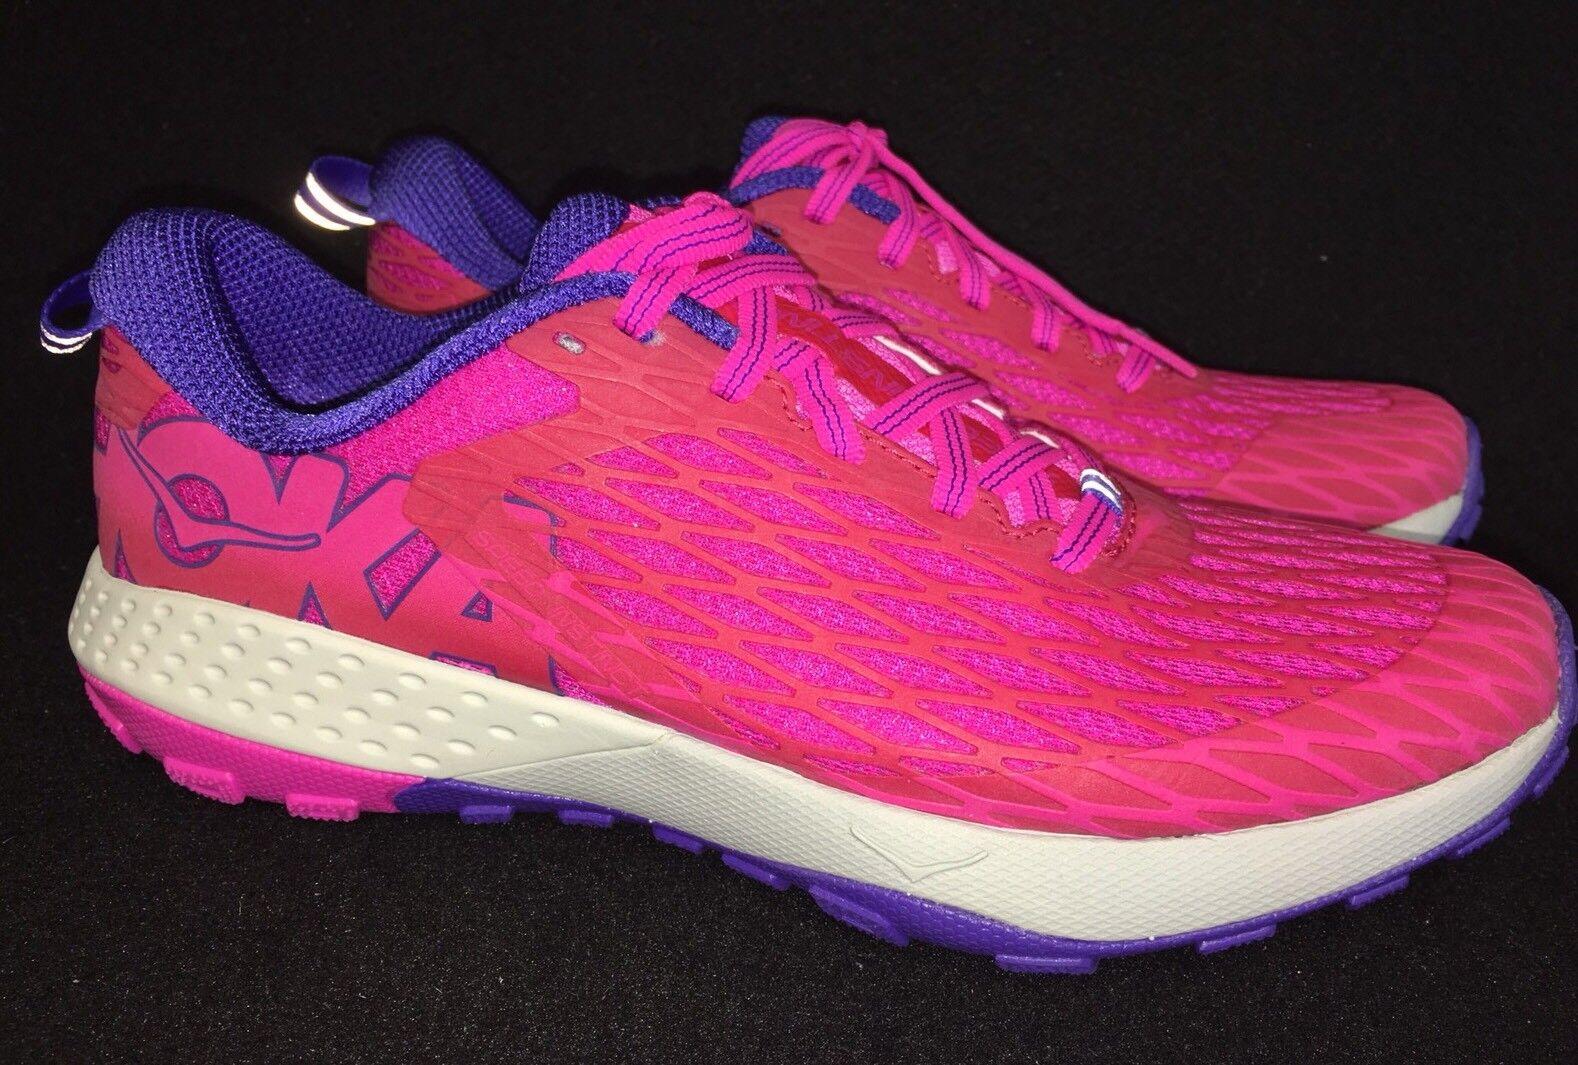 HOKA ONE ONE SPEED INSTINCT Virtual Pink / Neon Fuchsia Tennis RUNNING Schuhe